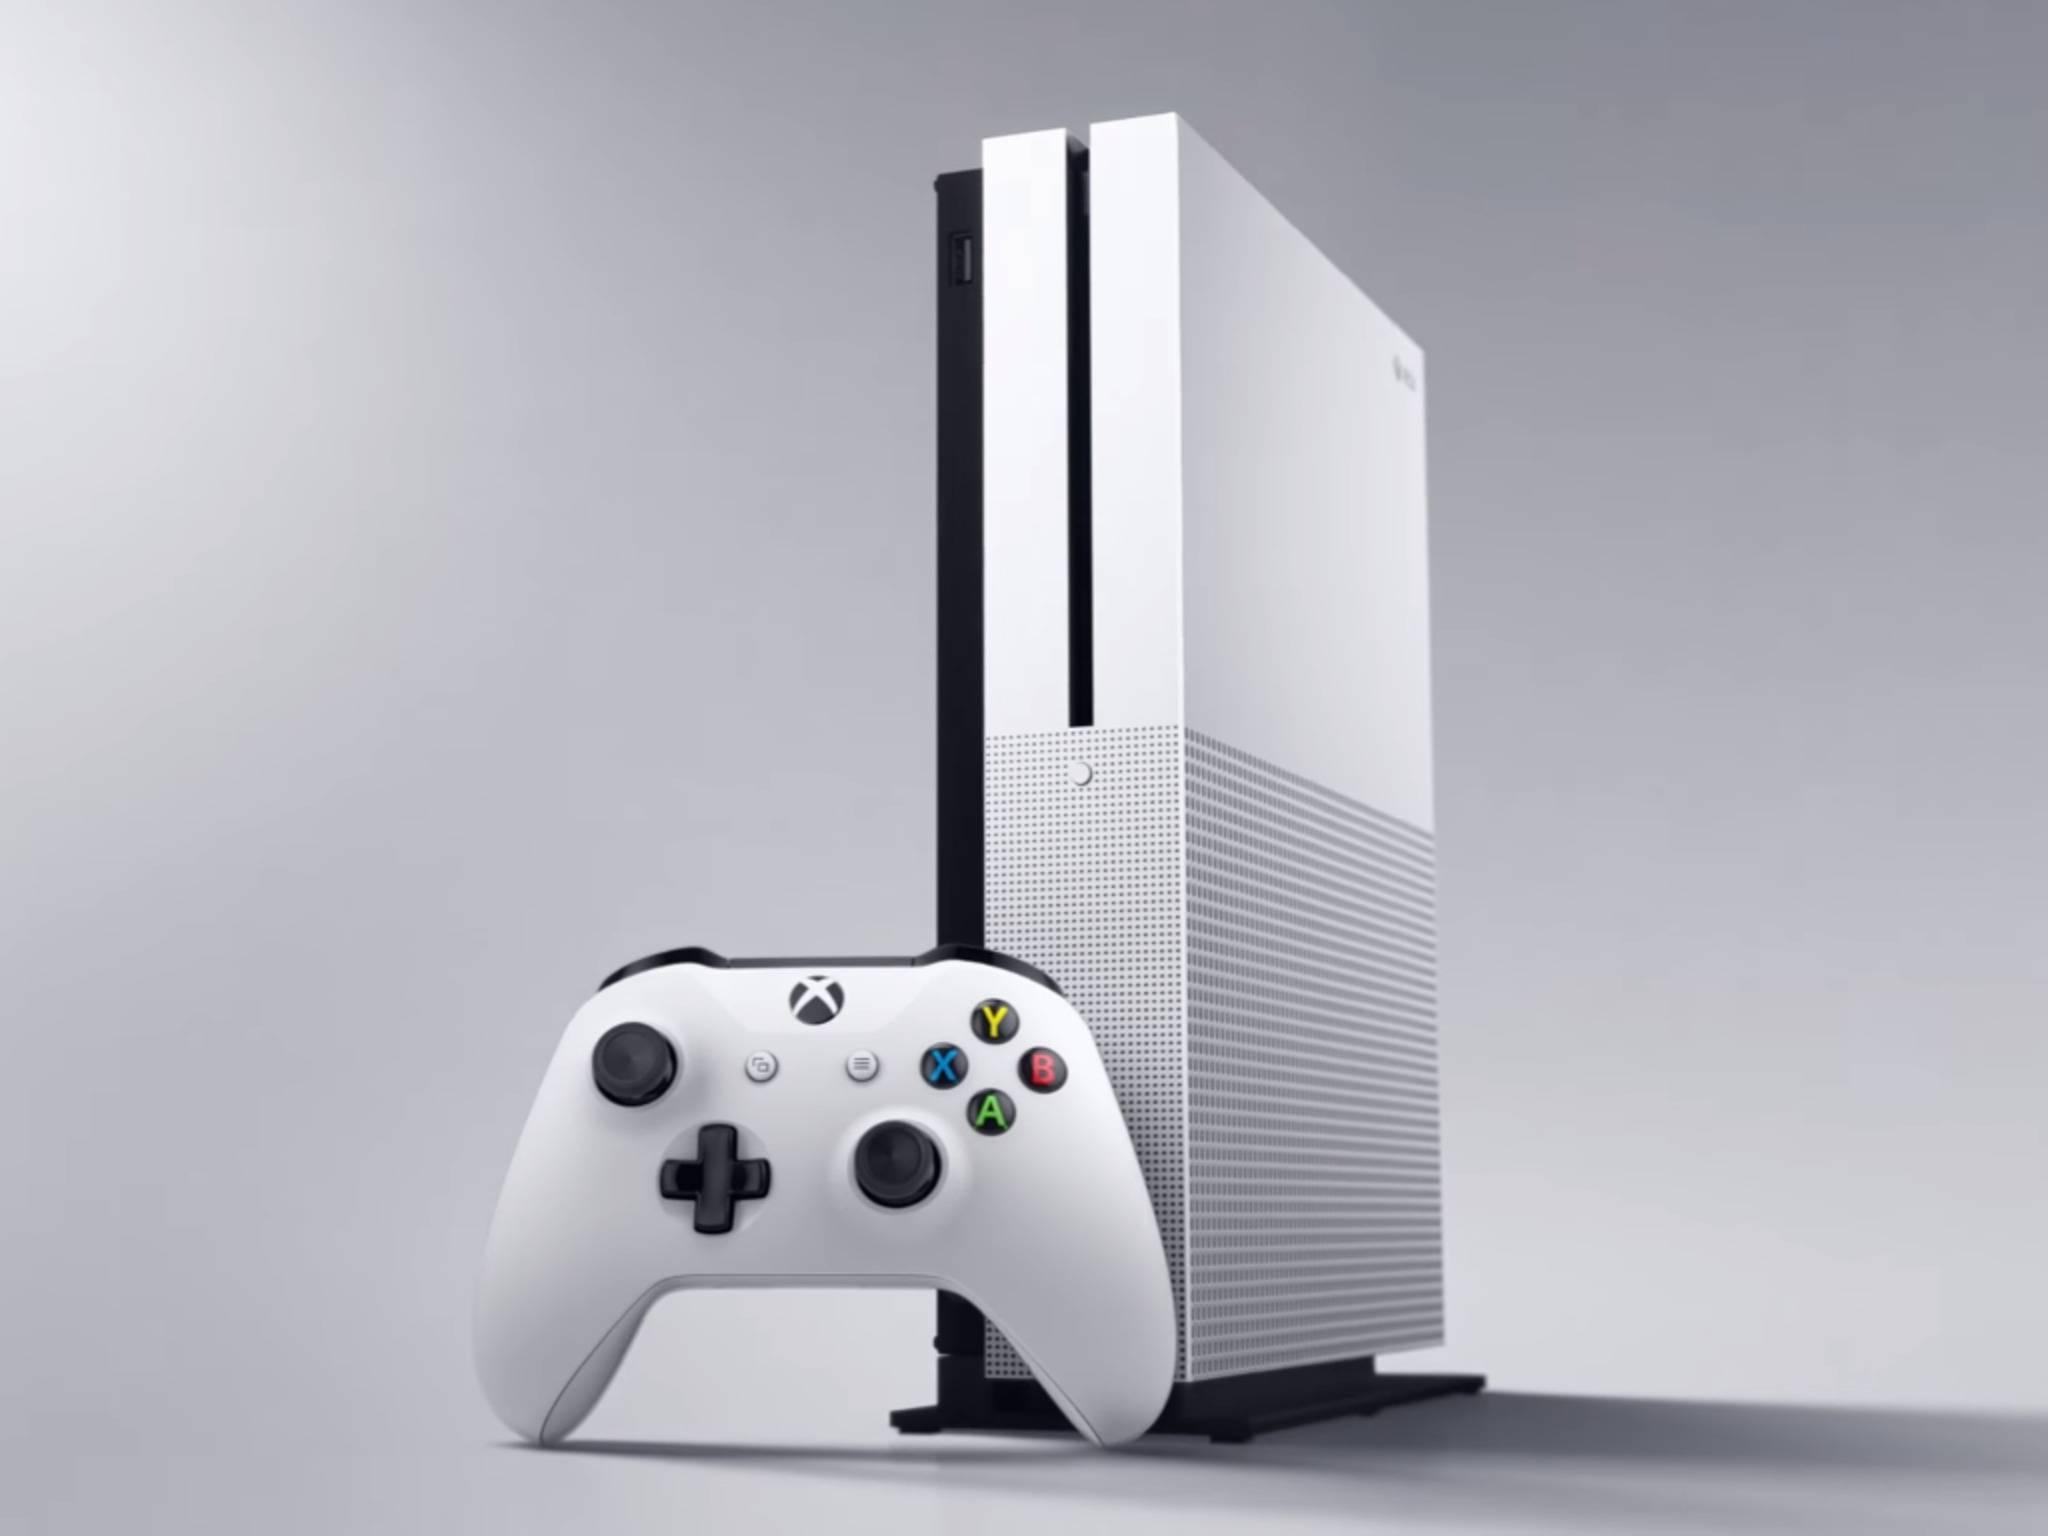 Die Xbox One S spielt Ultra HD Blu-rays ab.